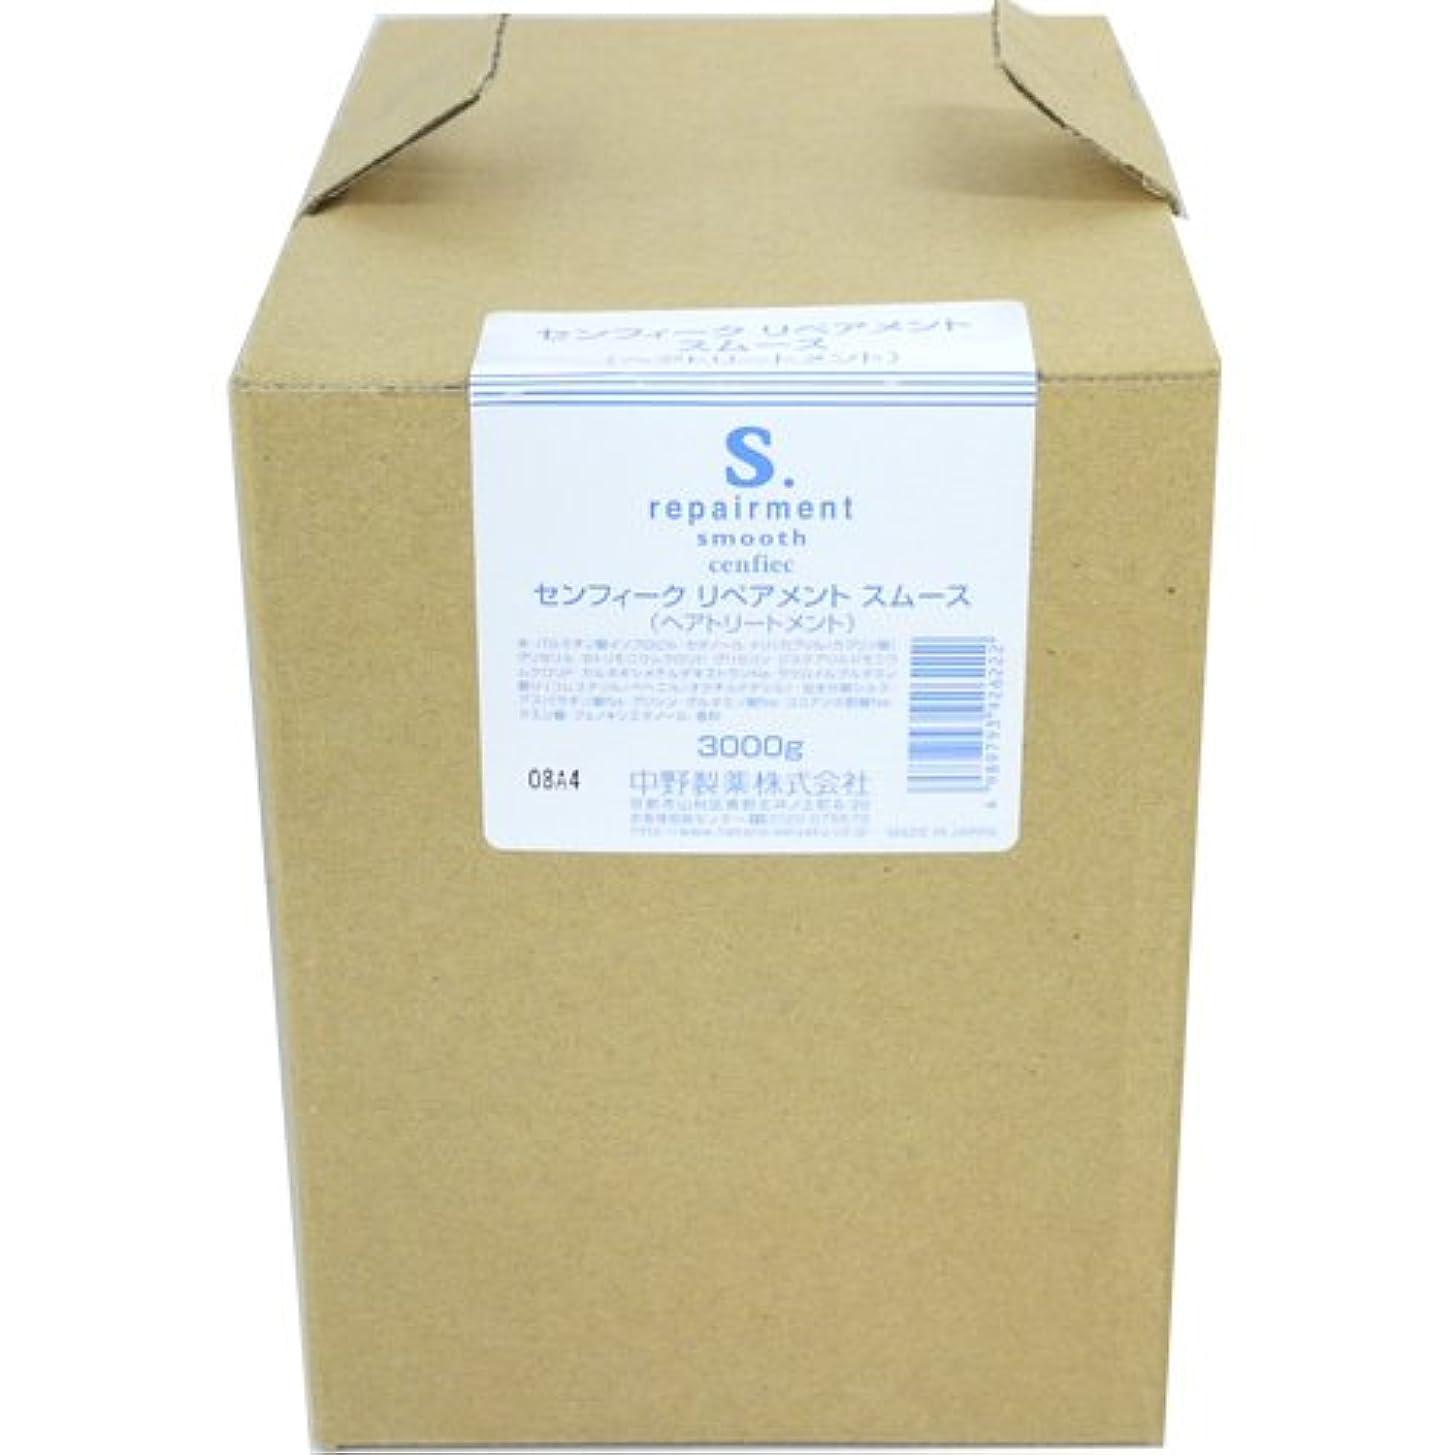 クロニクル避難モトリーナカノ センフィーク リペアメント スムース 詰め替え用 3000g(1500g×2)